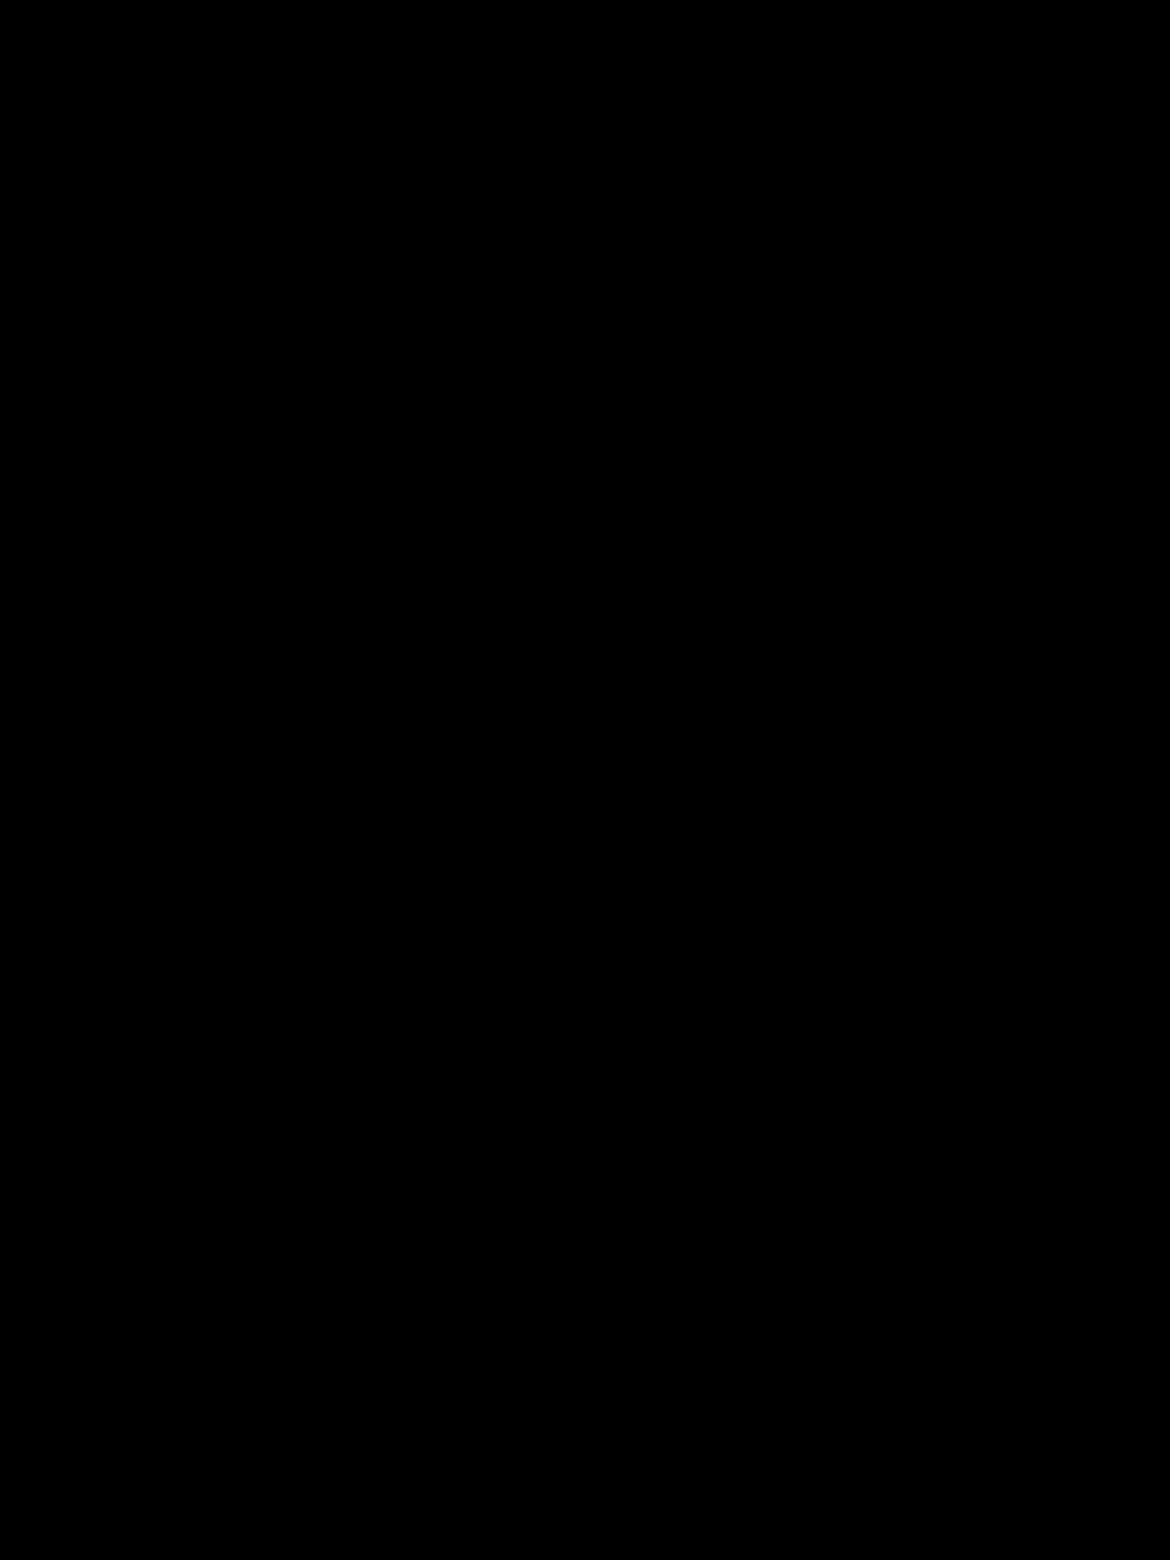 New in: Una camicia con i gatti